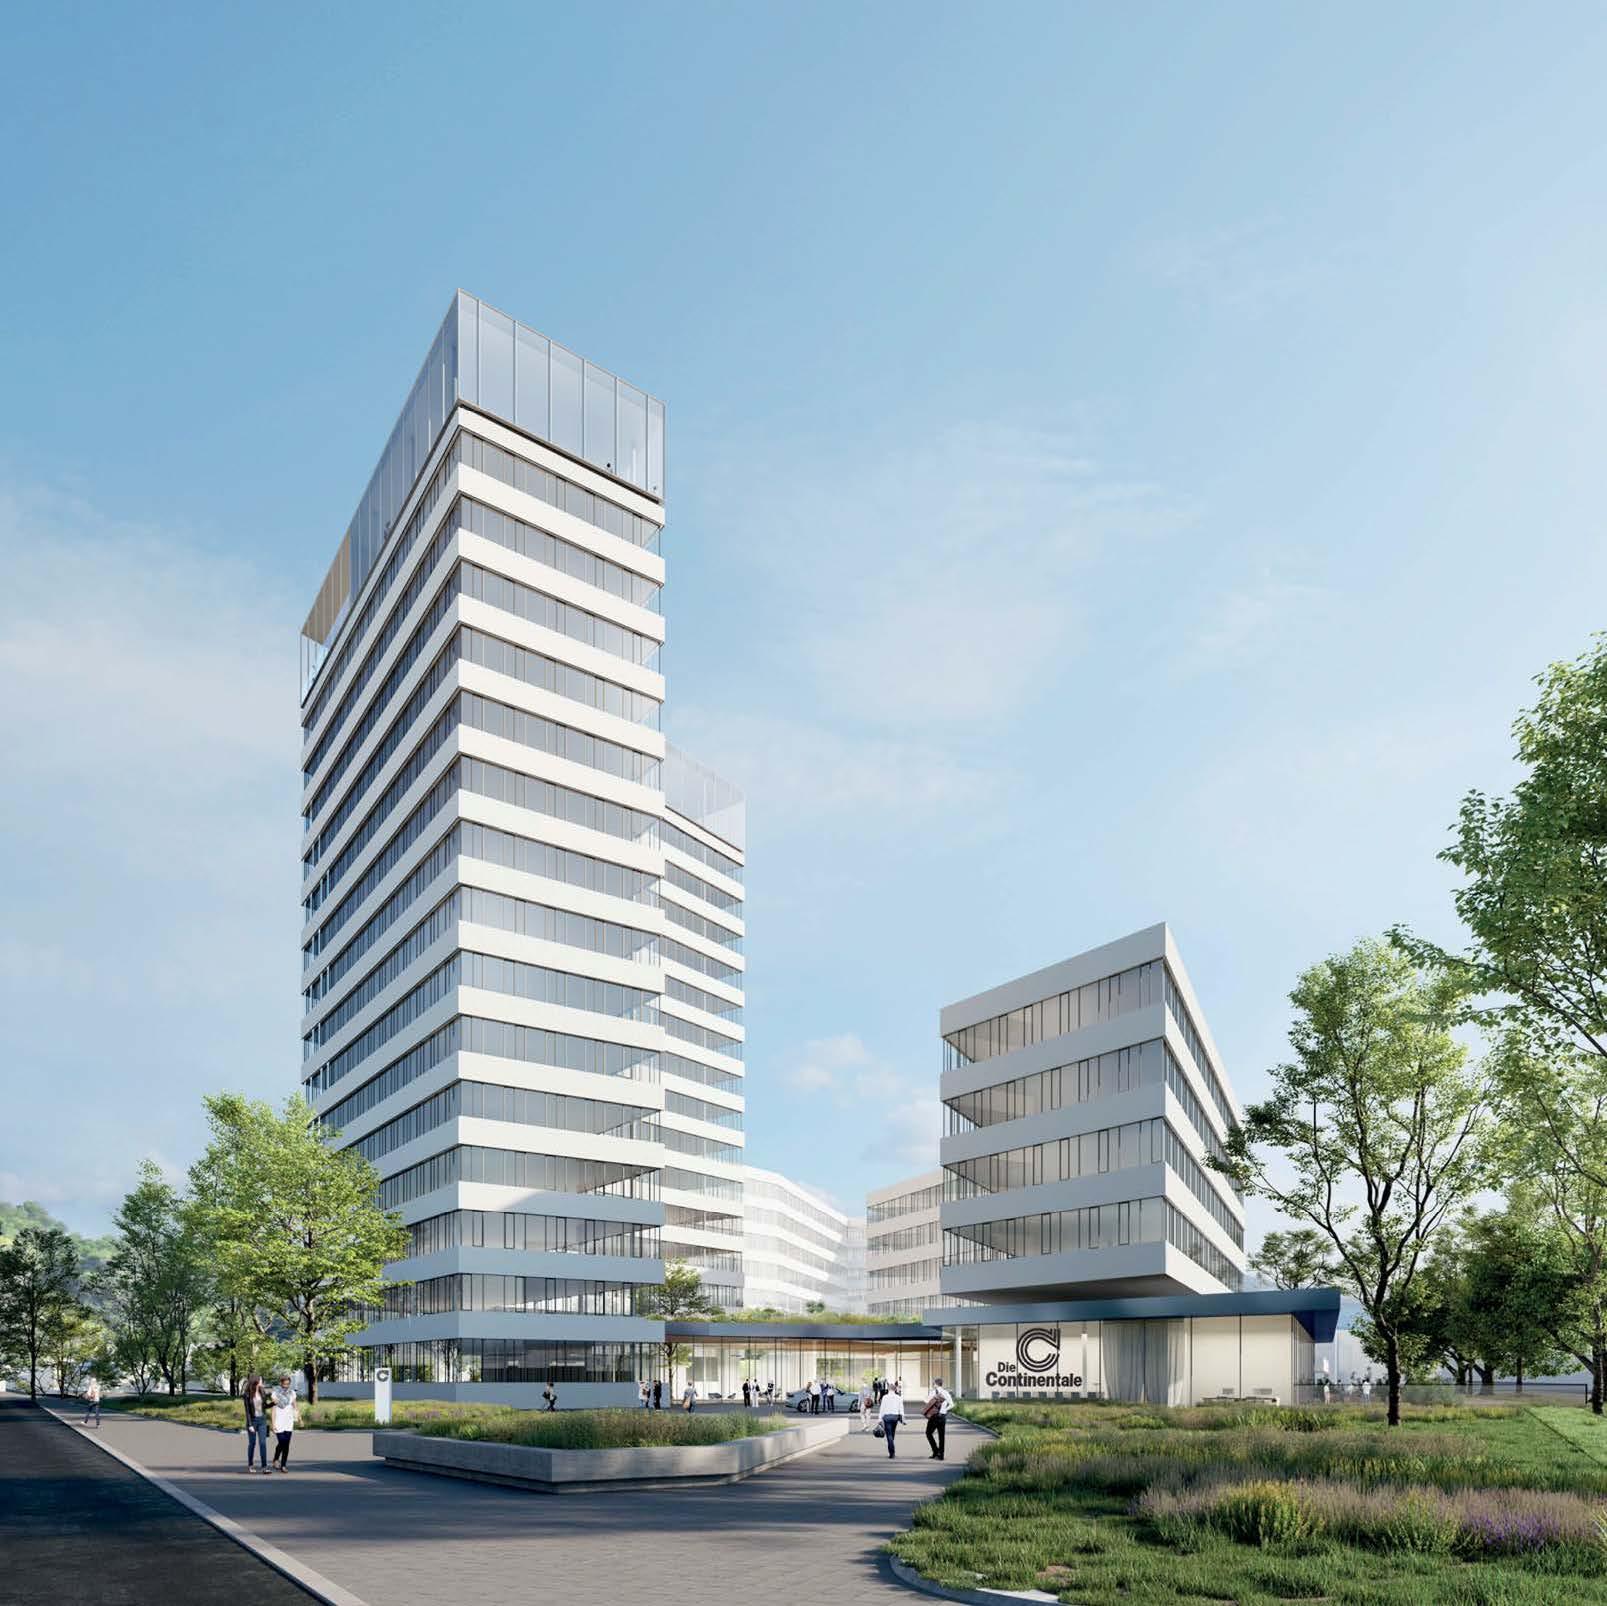 Architektenwettbewerb für den Neubau der Continentale auf der Stadtkrone Ost ist abgeschlossen